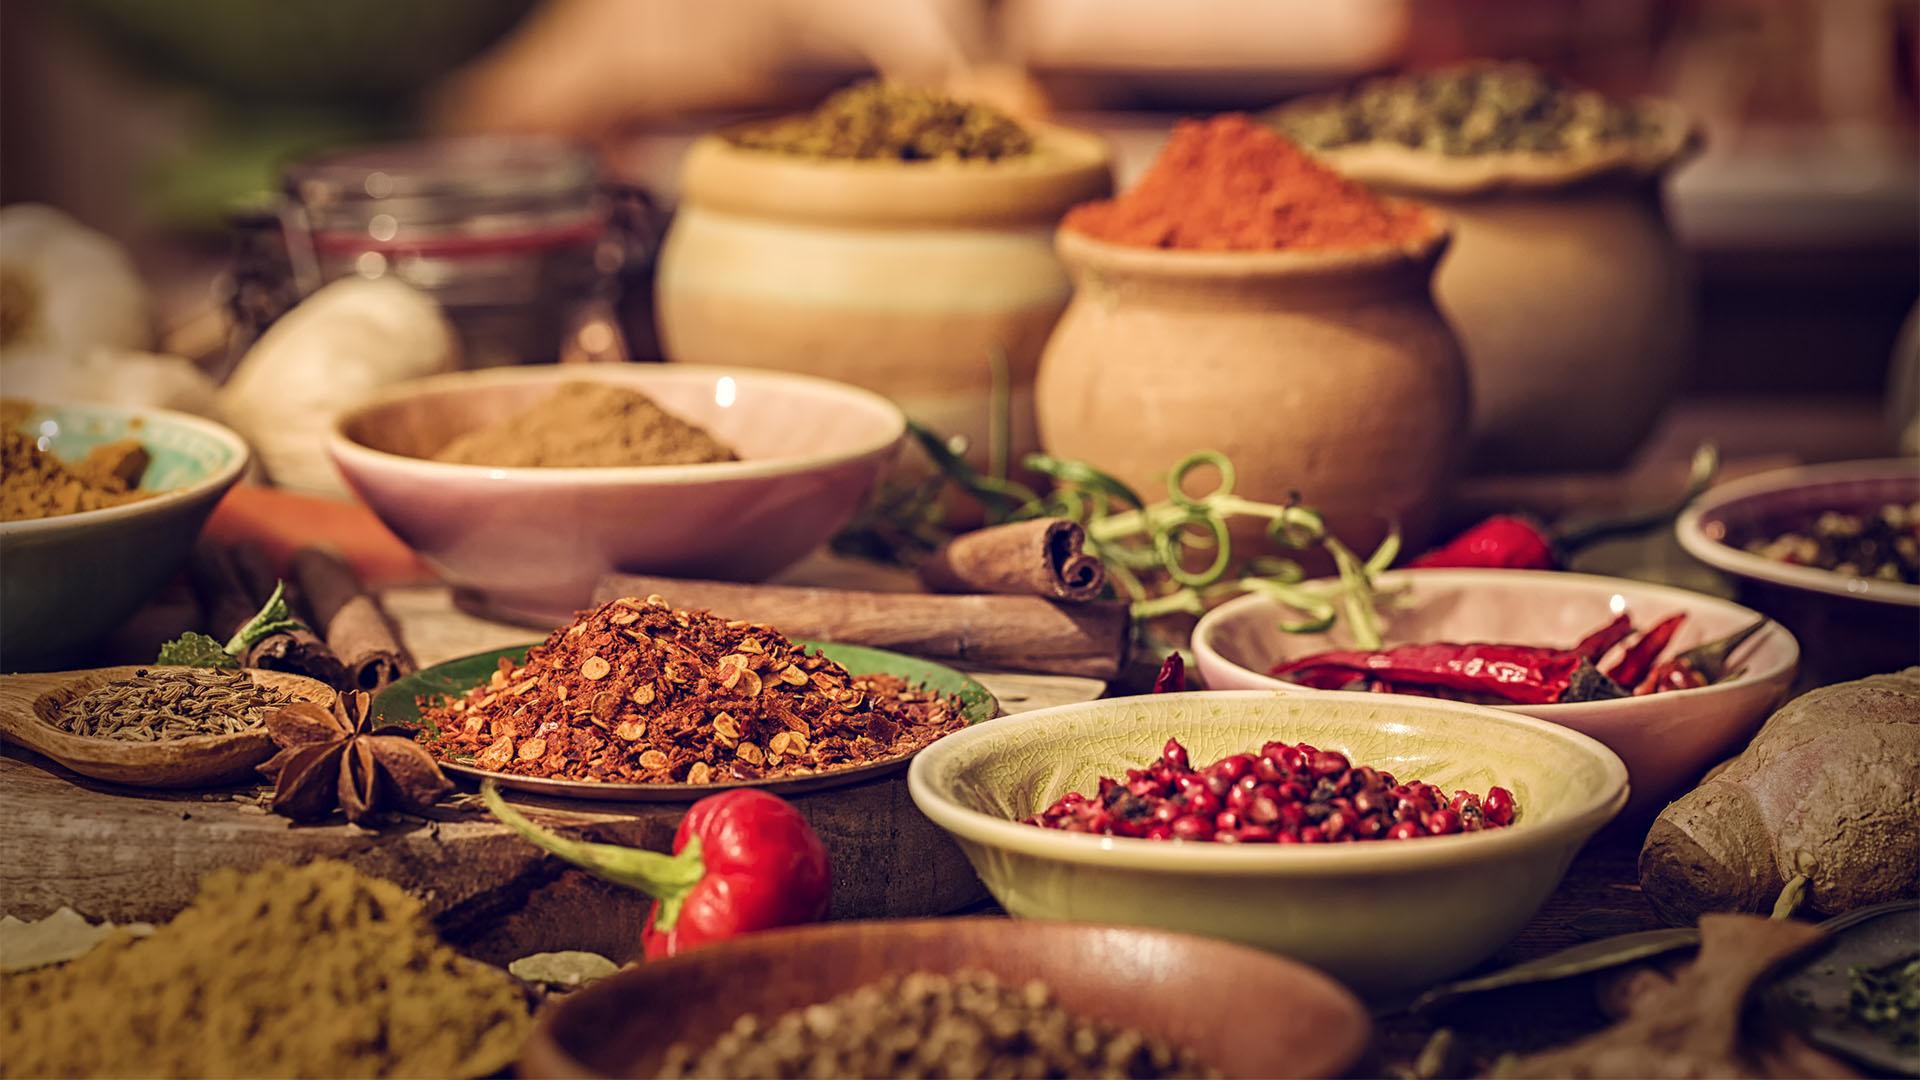 Kulinarik - Essen und Lebensmittel auf Fuerteventura.